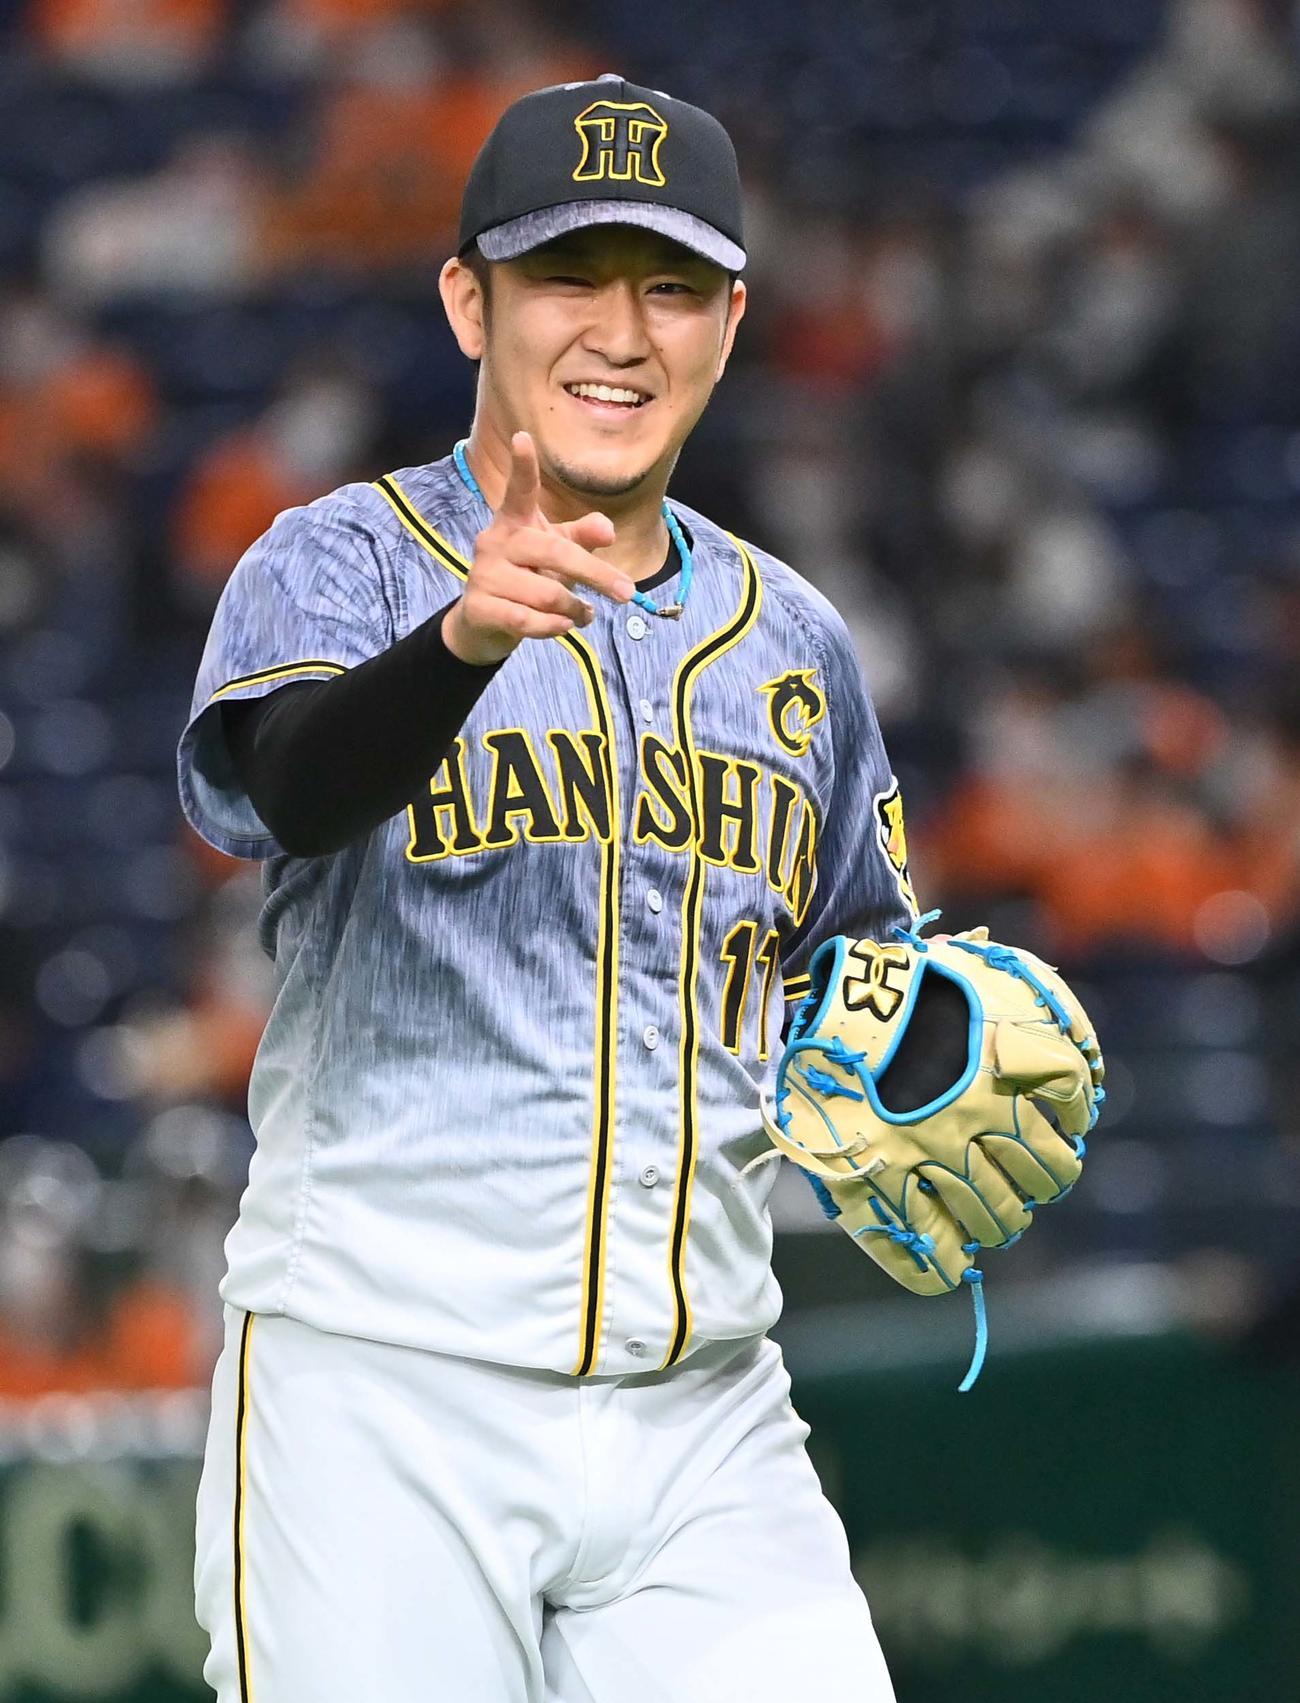 巨人対阪神 阪神2番手で登板する岩貞は6回を無失点に抑え笑顔を見せる(撮影・上田博志)